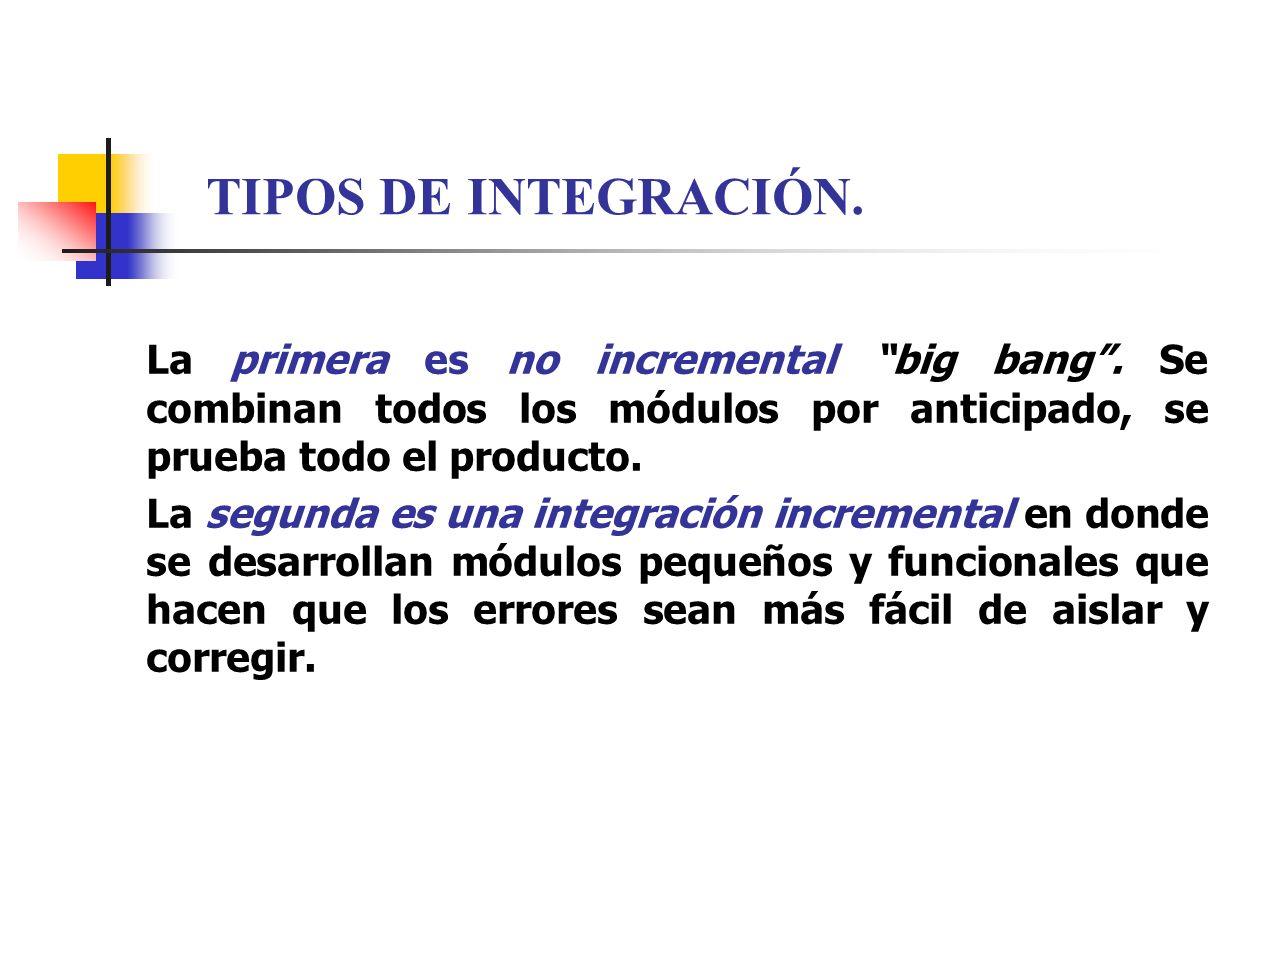 TIPOS DE INTEGRACIÓN.La primera es no incremental big bang . Se combinan todos los módulos por anticipado, se prueba todo el producto.